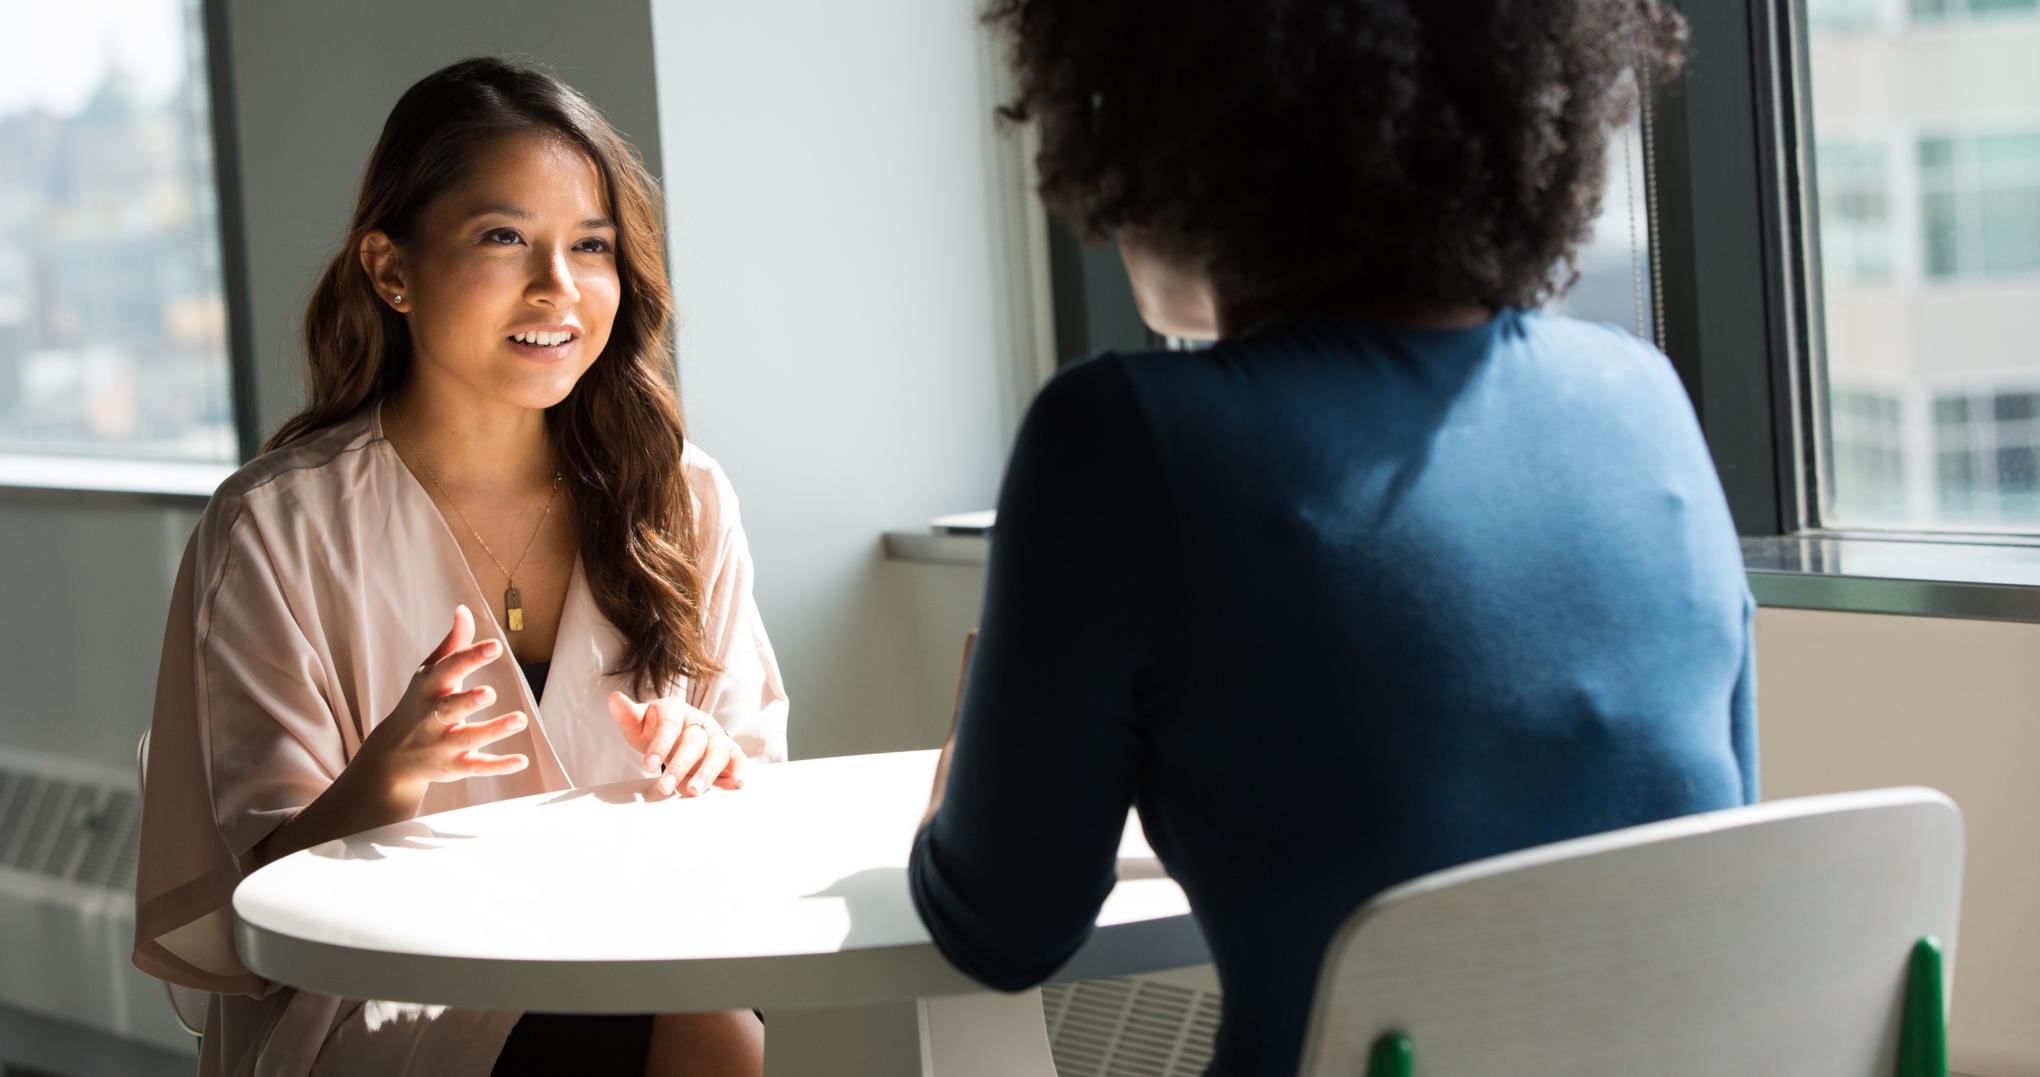 Comment donner du feedback grâce à l'intelligence émotionnelle ?